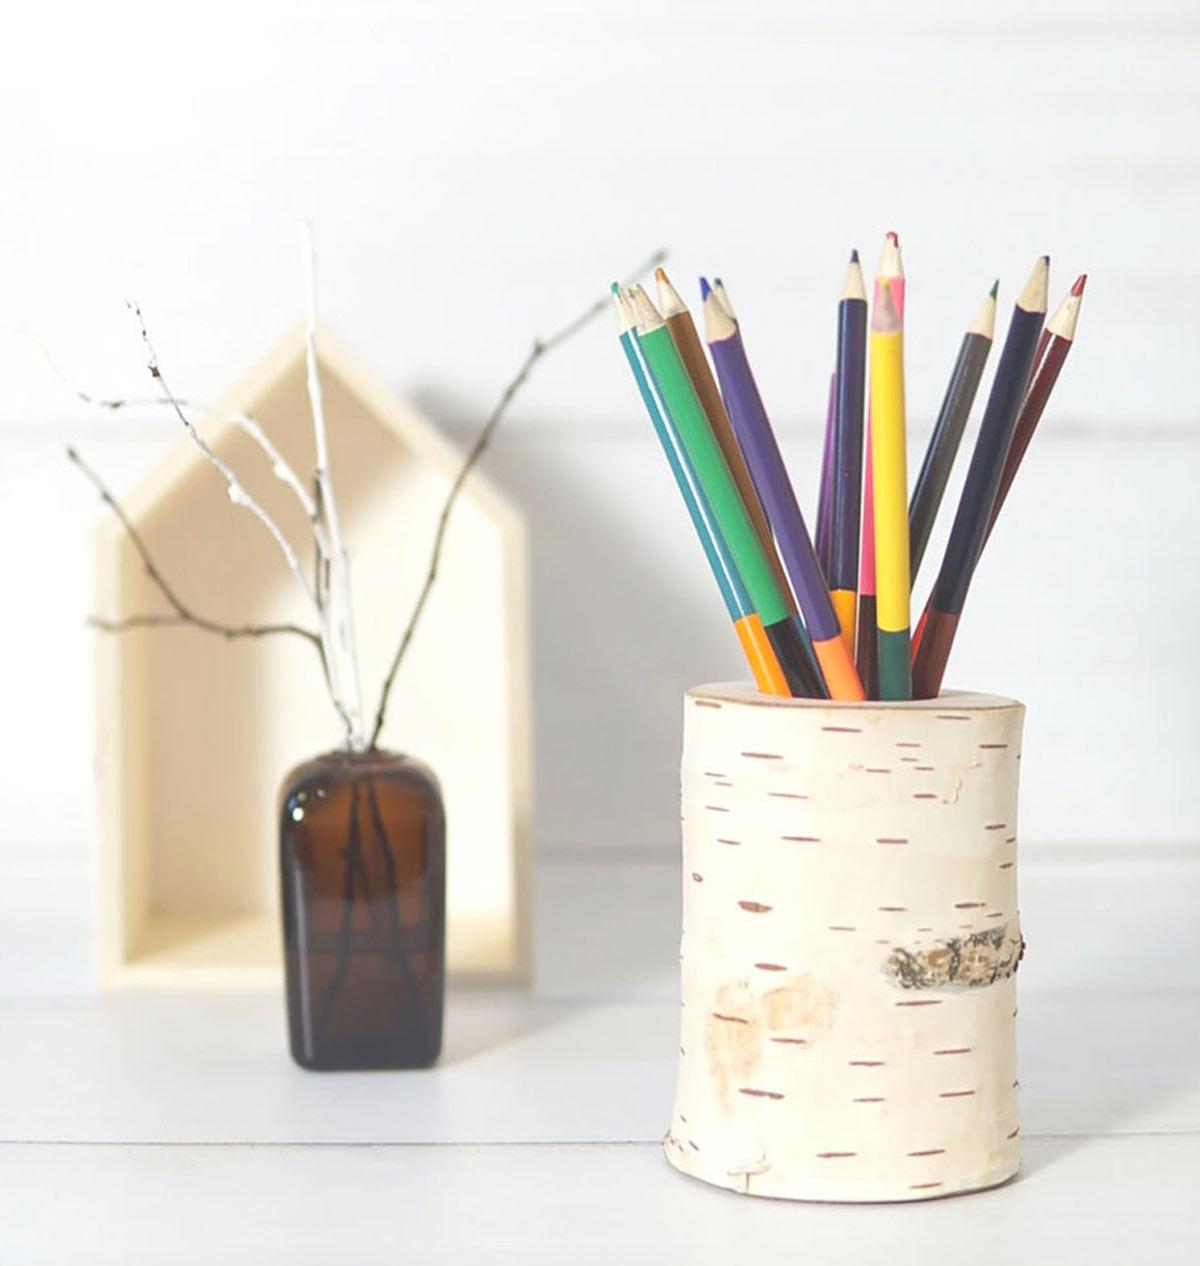 Créativité avec des troncs d'arbre